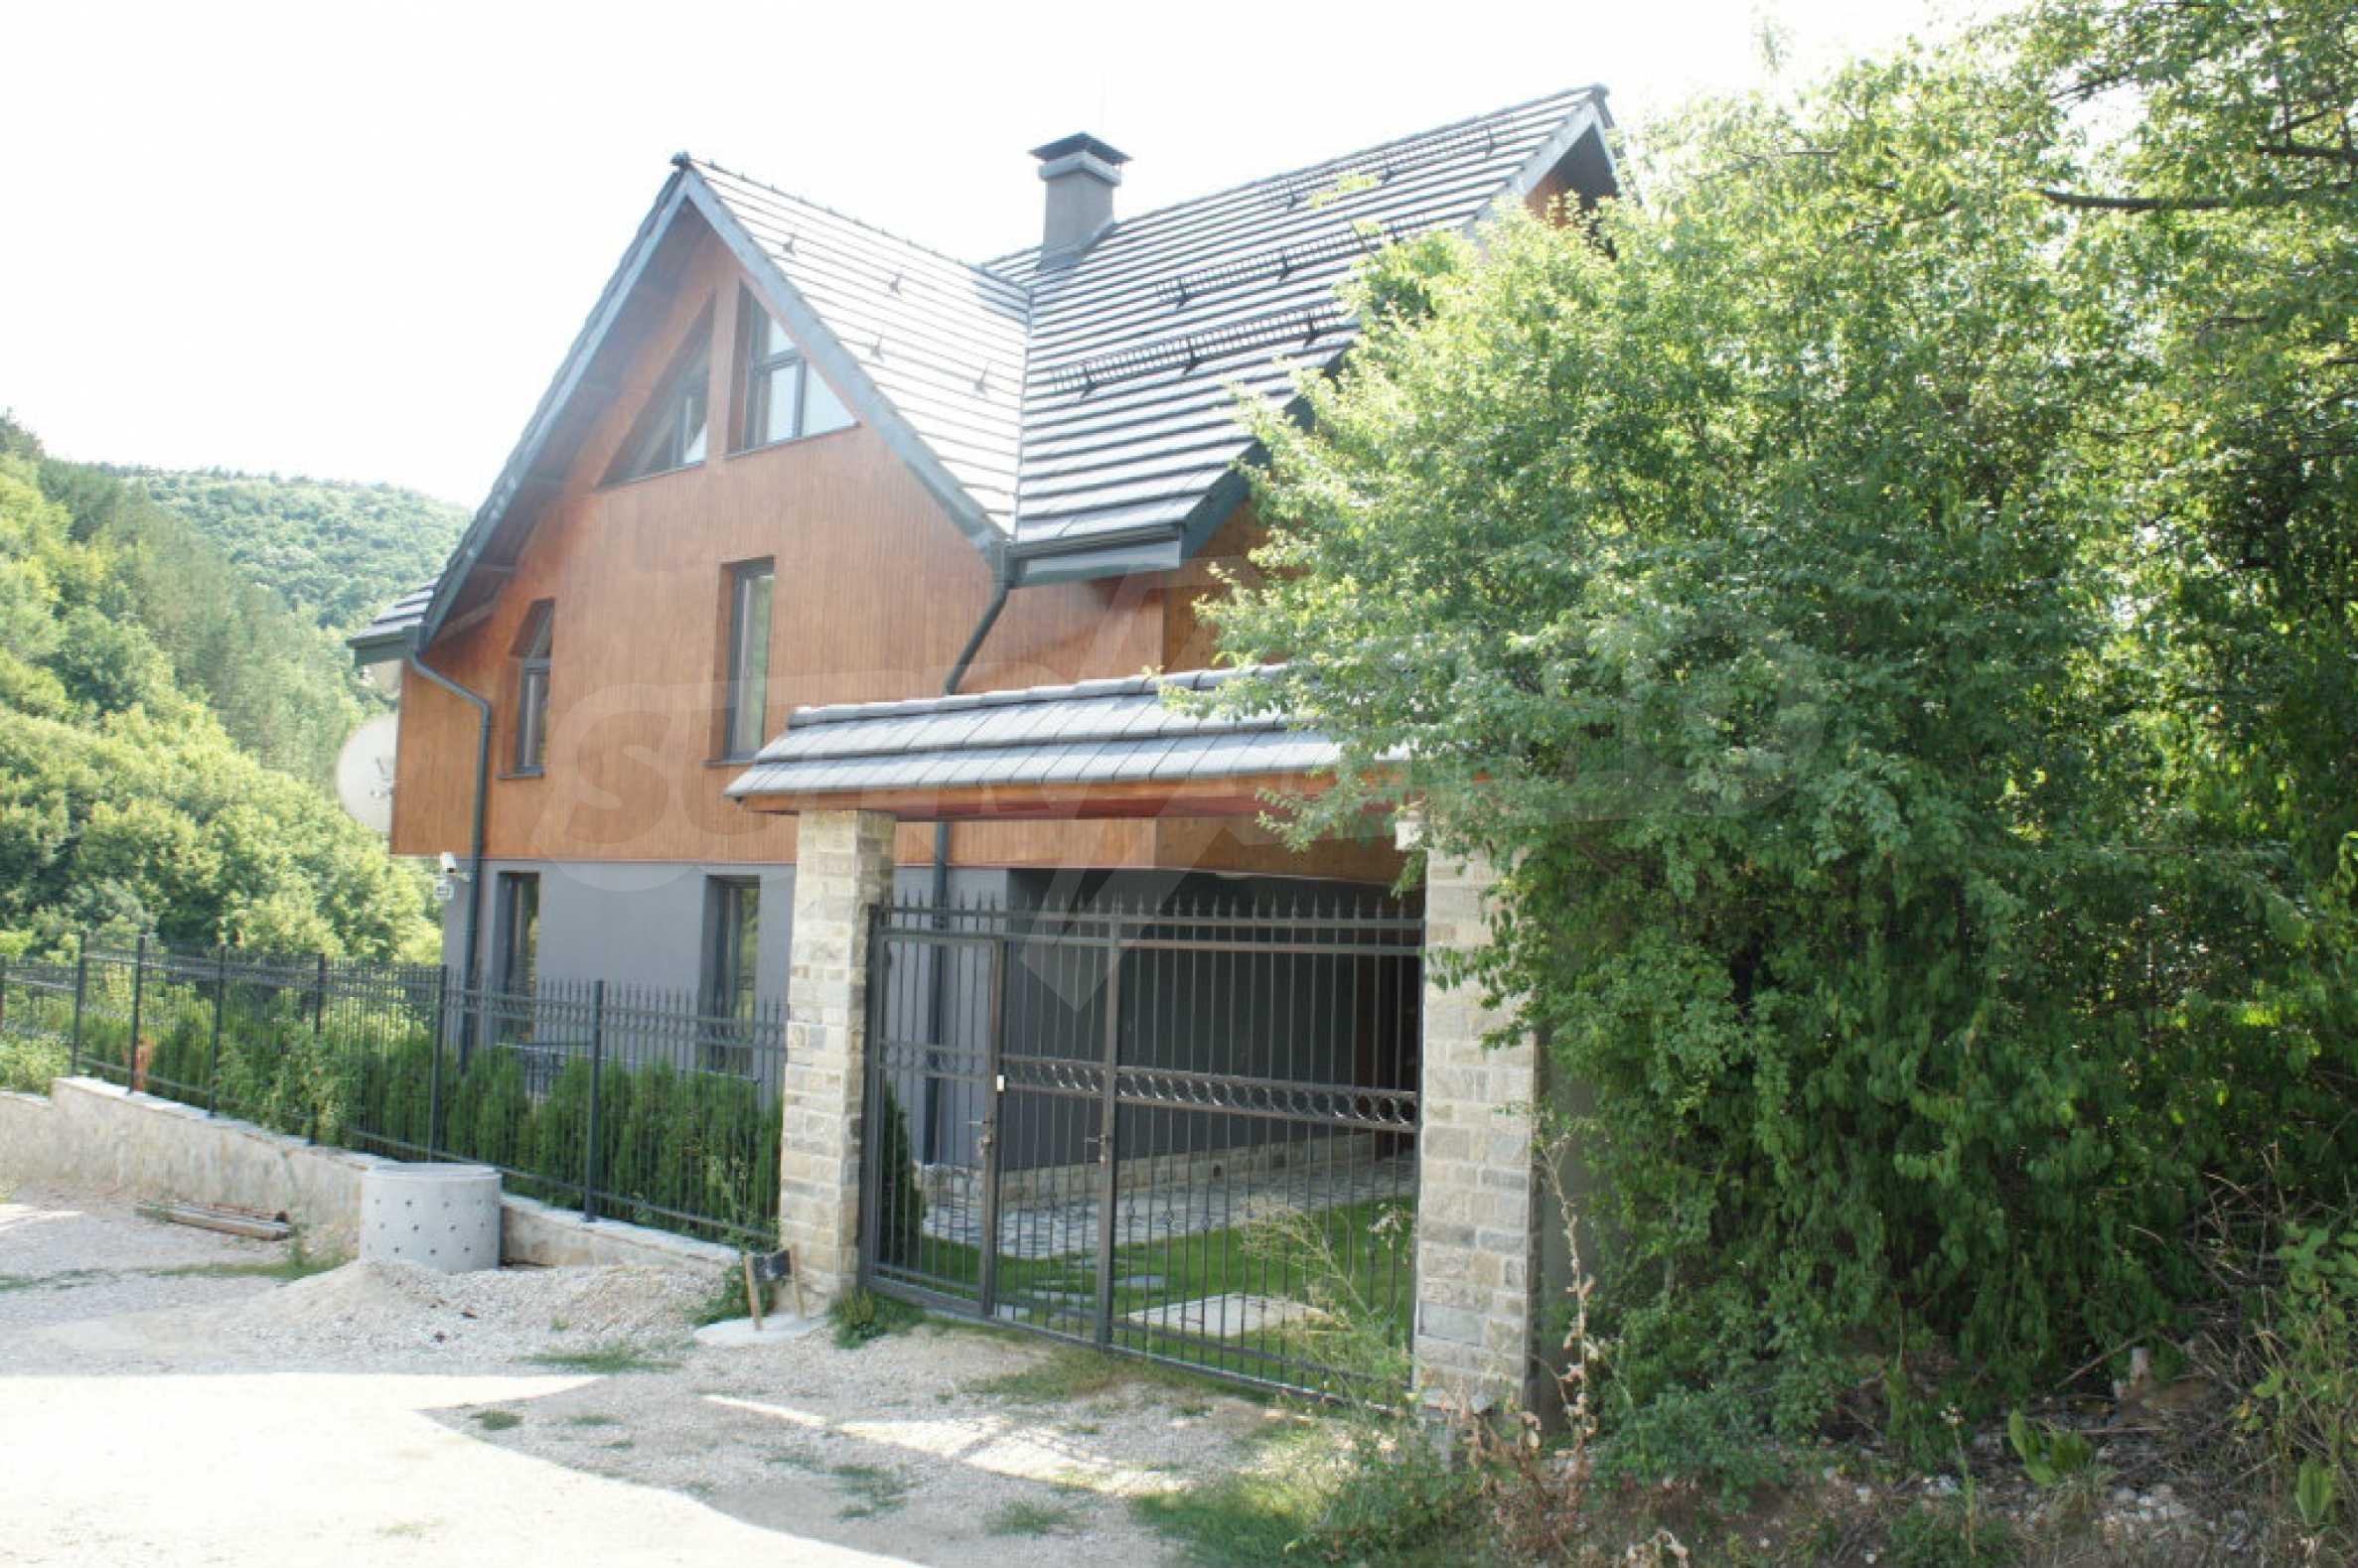 Gästehaus in der Nähe von Sofia! 2